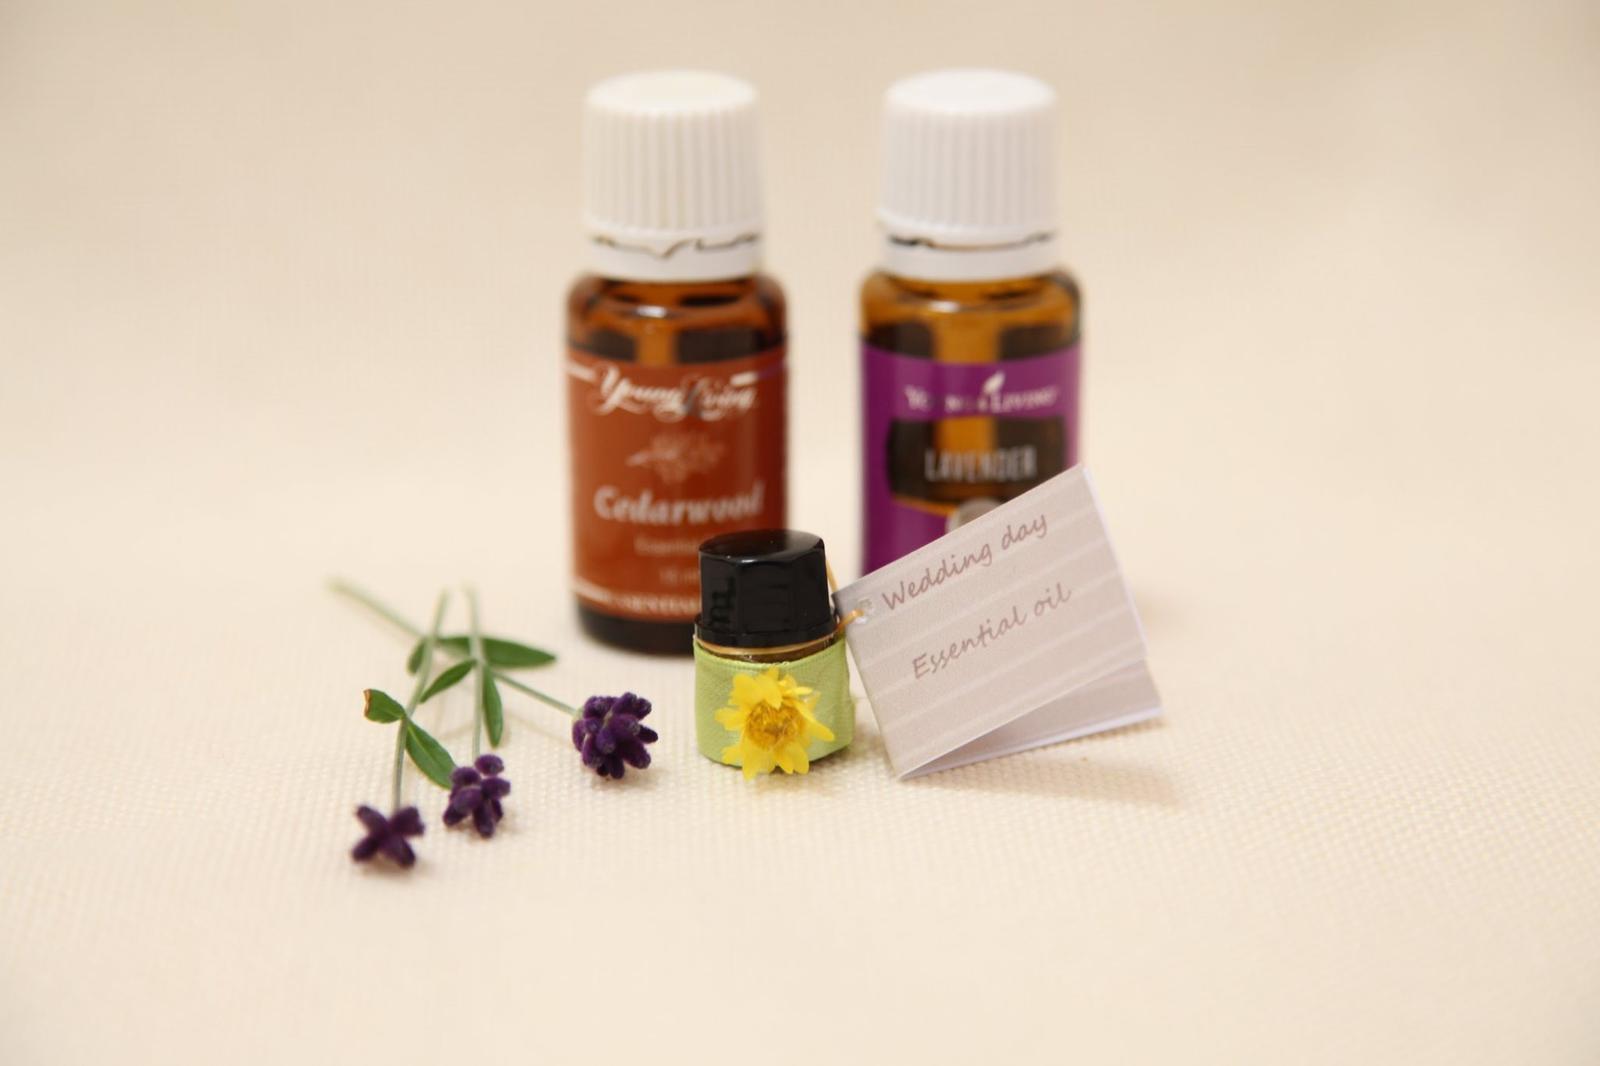 2 ml esenciálny olej pre hostí  - Obrázok č. 2